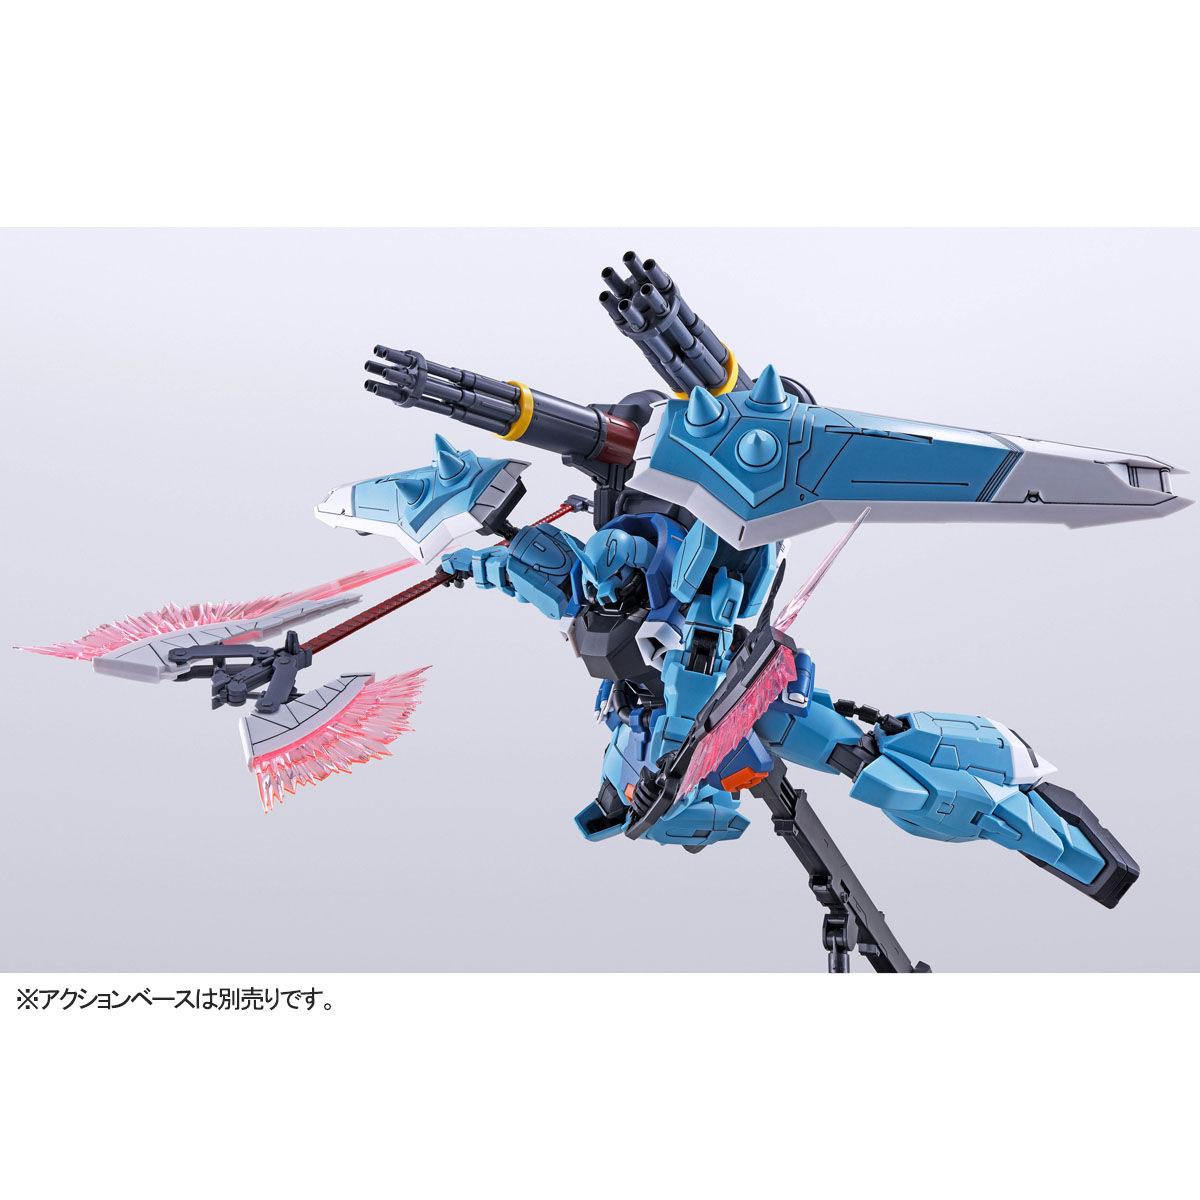 【限定販売】MG 1/100『スラッシュザクファントム(イザーク・ジュール専用機)』プラモデル-006